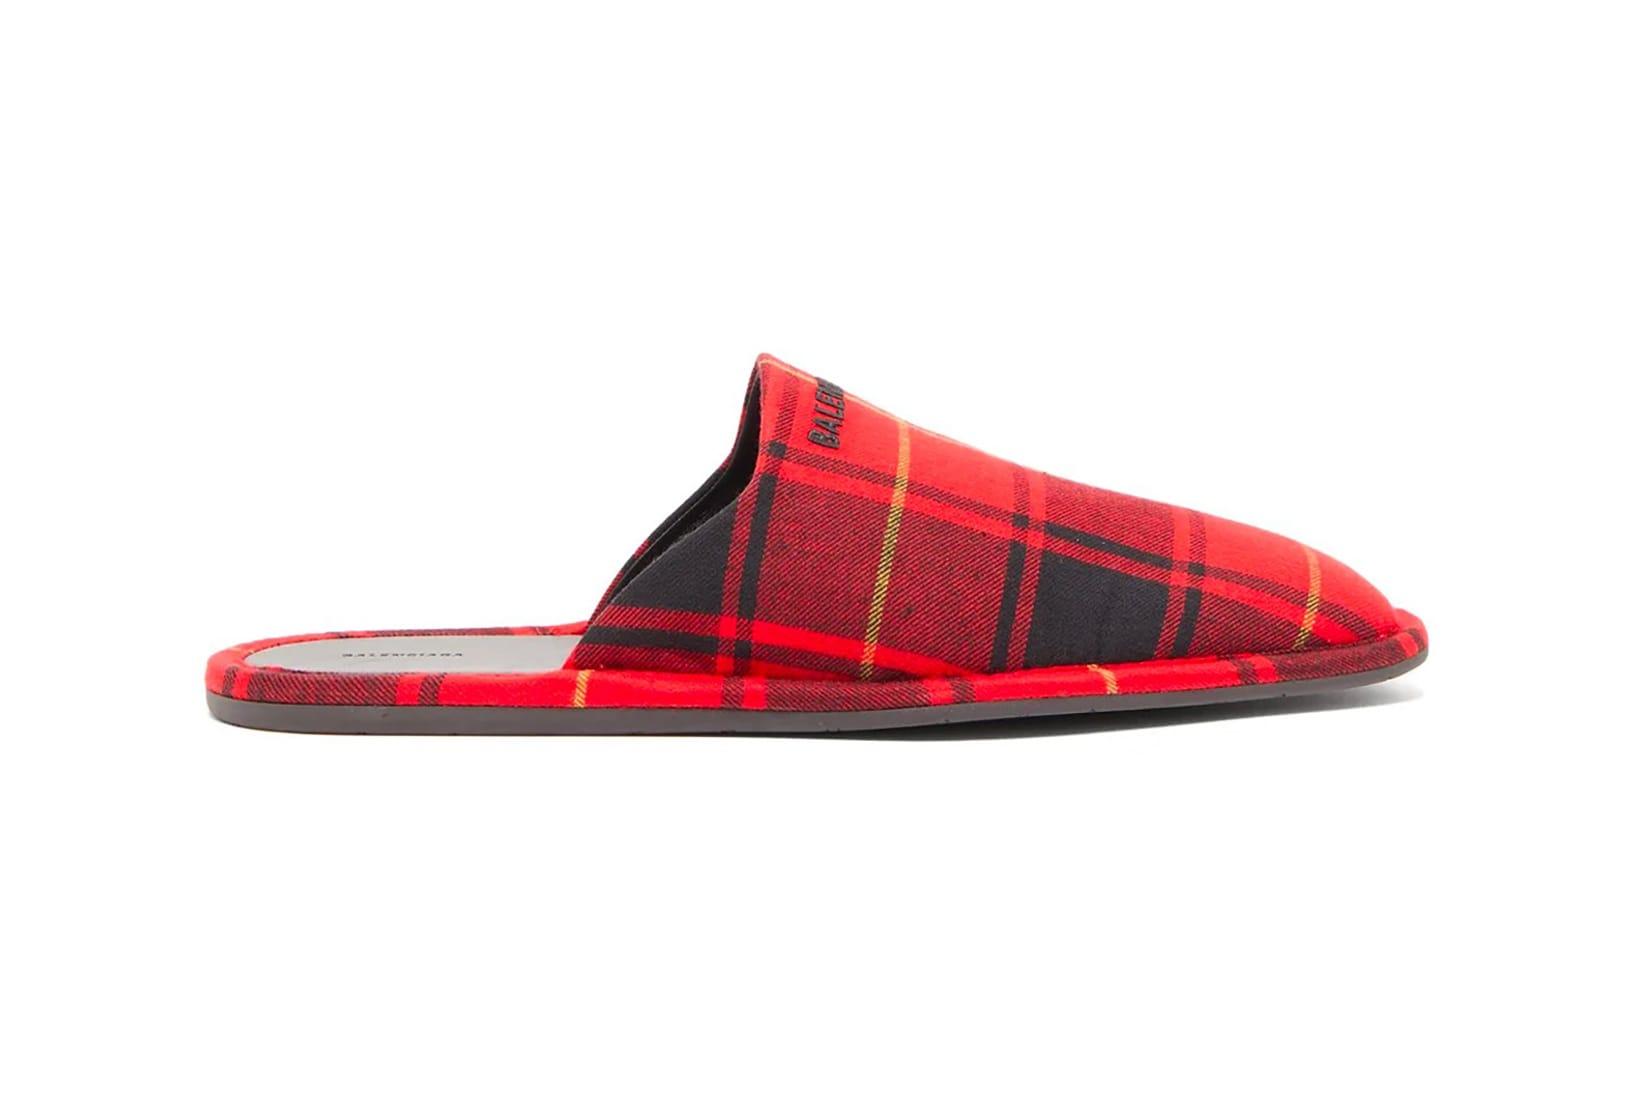 Balenciaga Shoes Cheap, Buy Cheapest Balenciaga Shoes Fake Sale